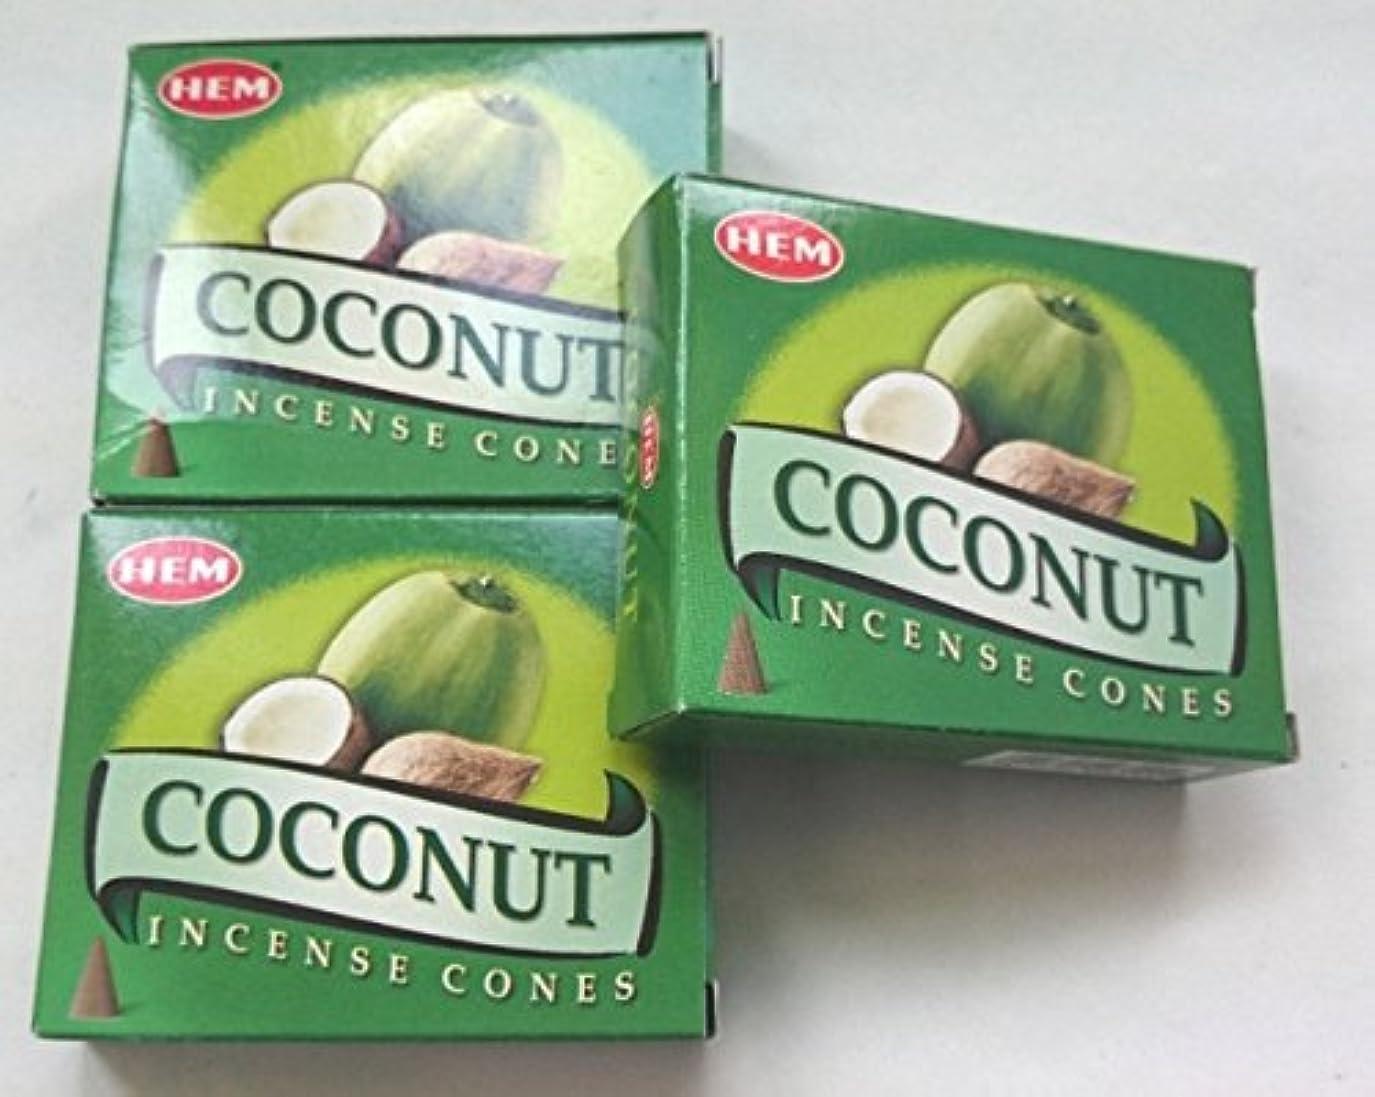 カプセルベットアクセサリーHEM(ヘム)お香 ココナッツ コーン 3個セット